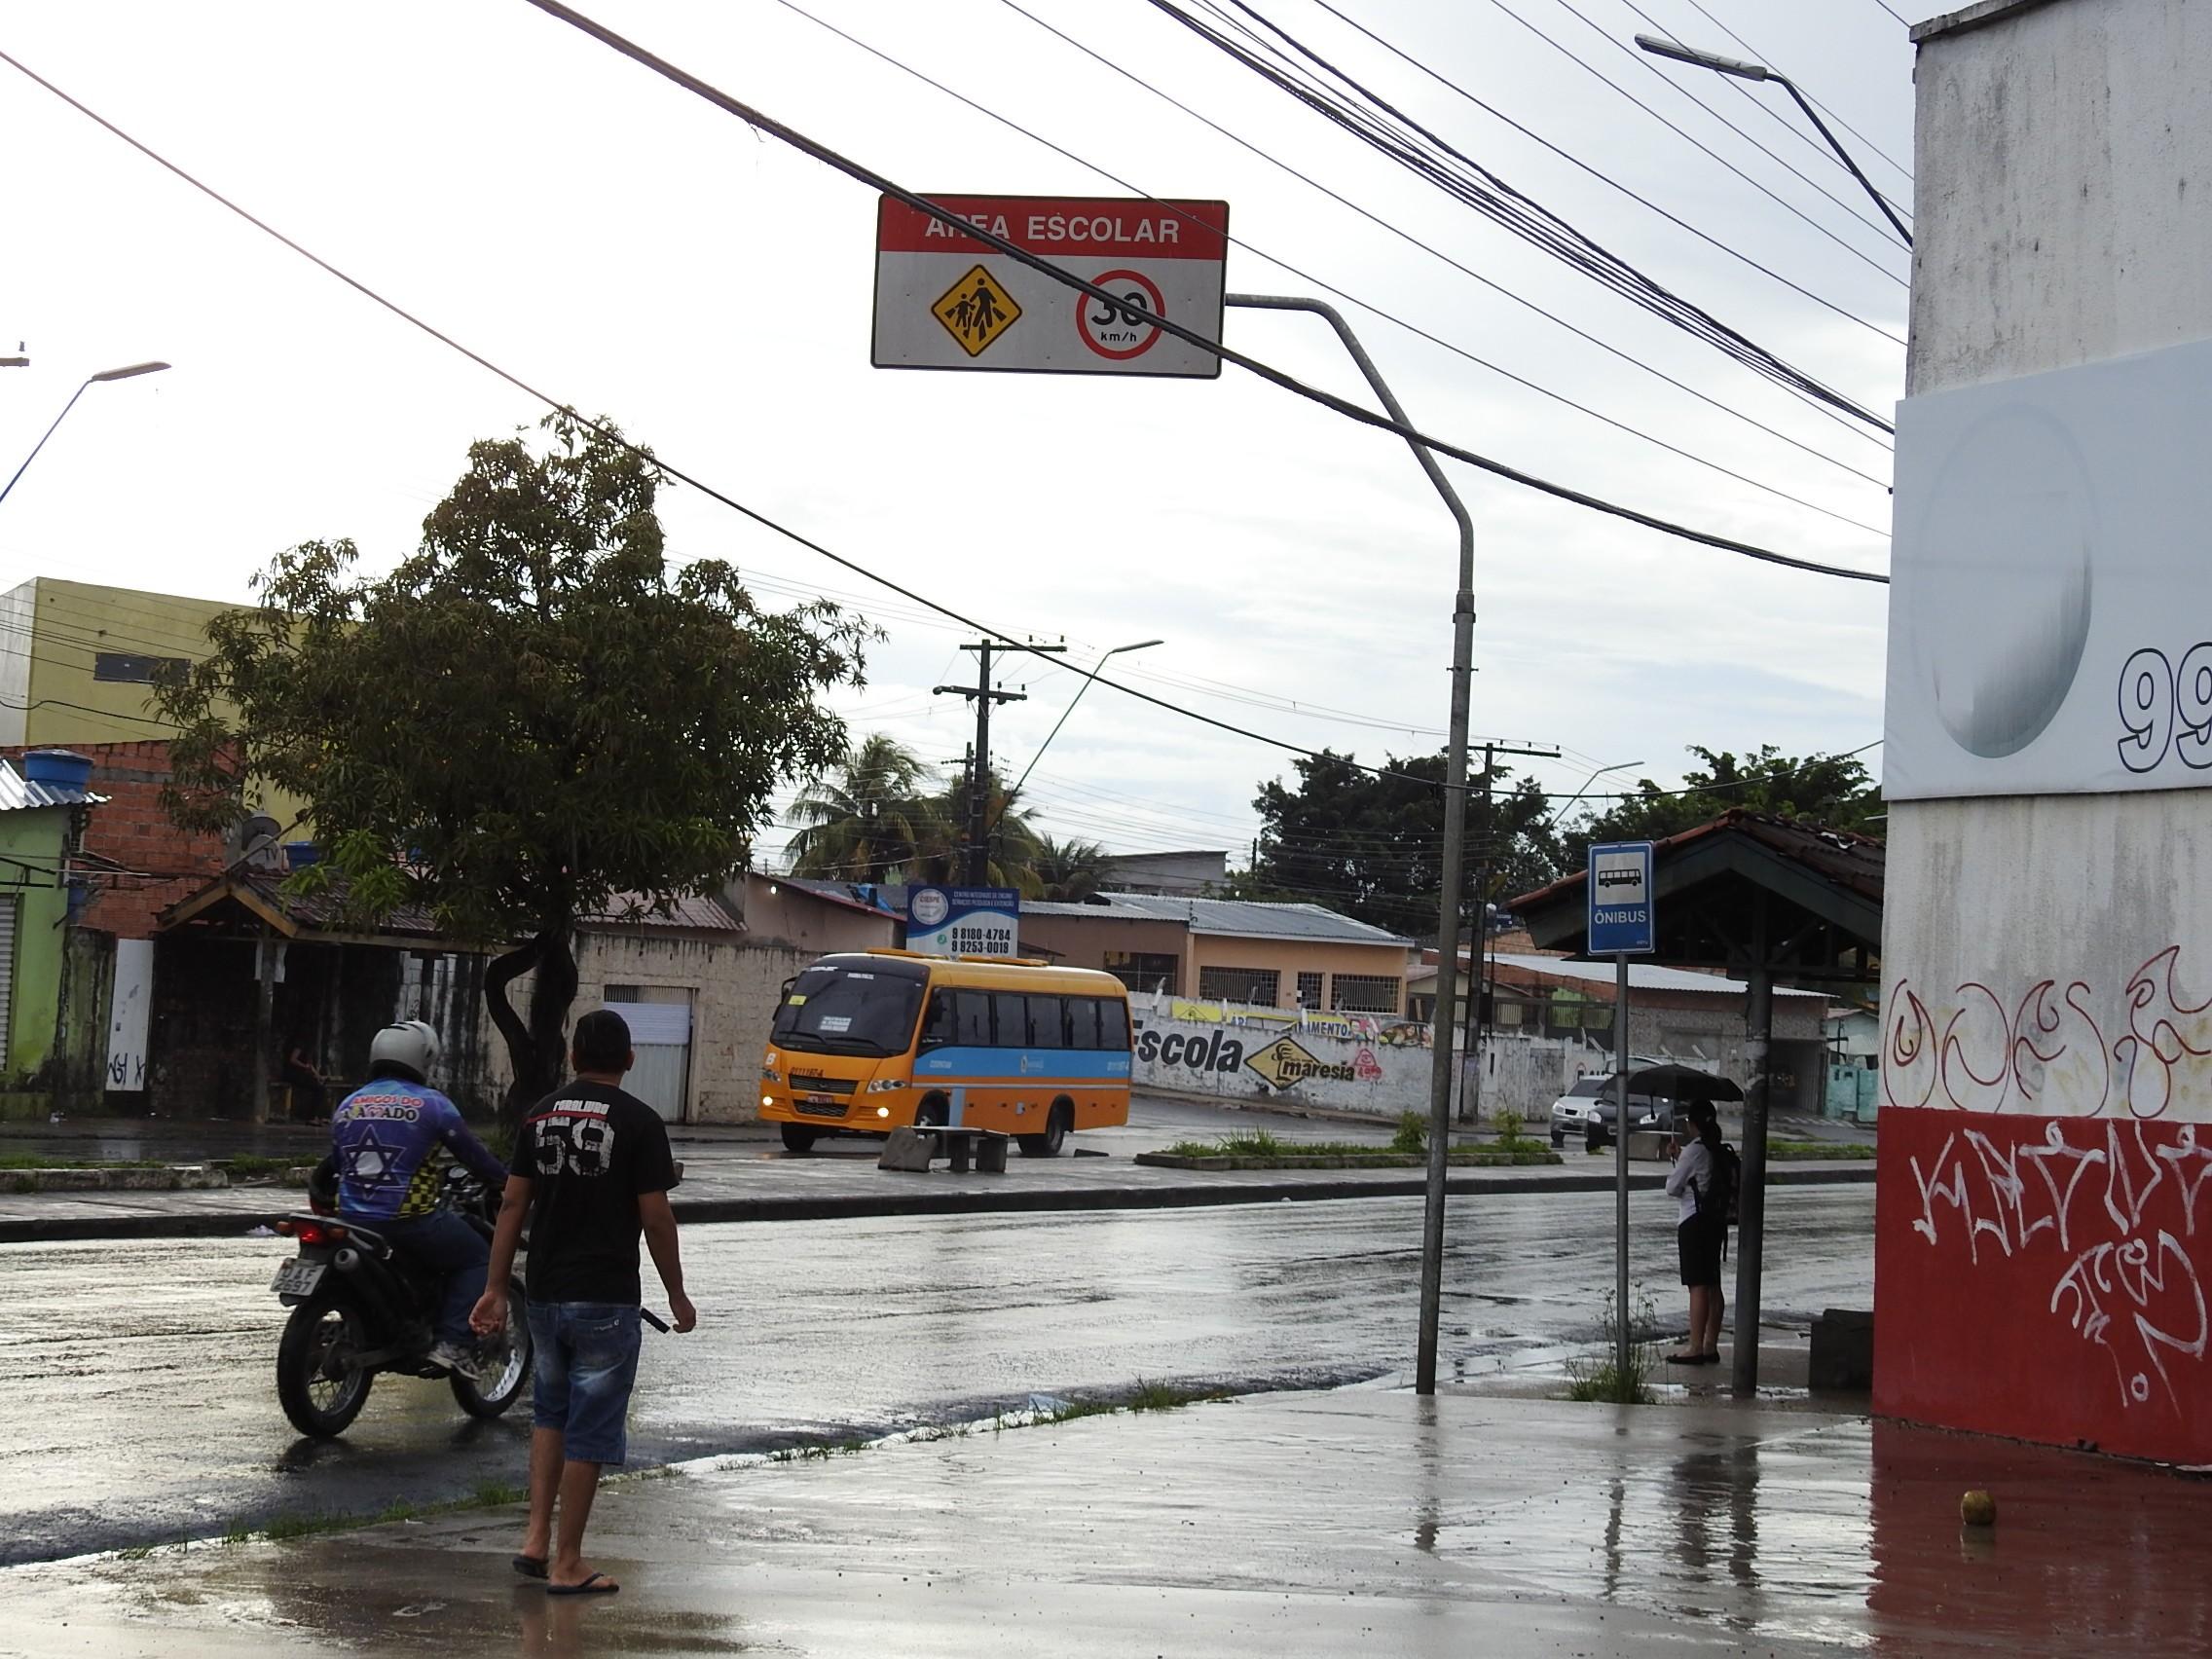 Suspeito de assalto é baleado e outro atropelado durante roubo em ponto de ônibus, em Manaus